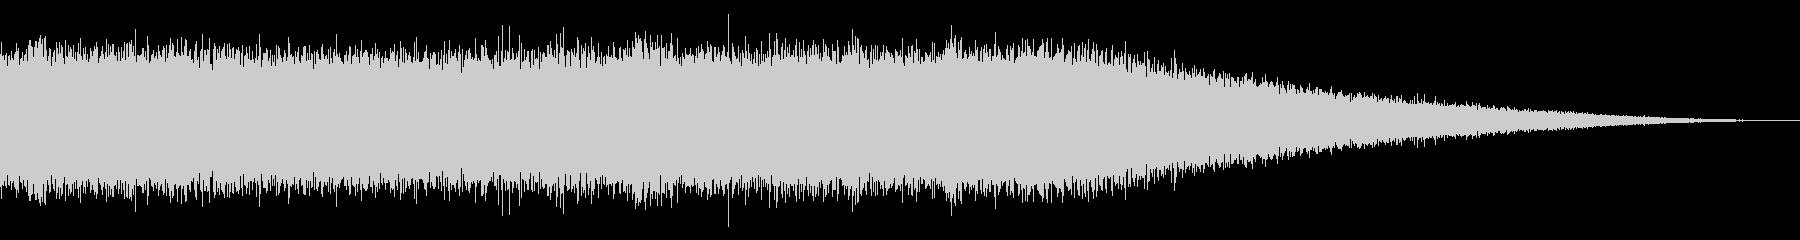 戦車の走行音/キャタピラの効果音 08の未再生の波形